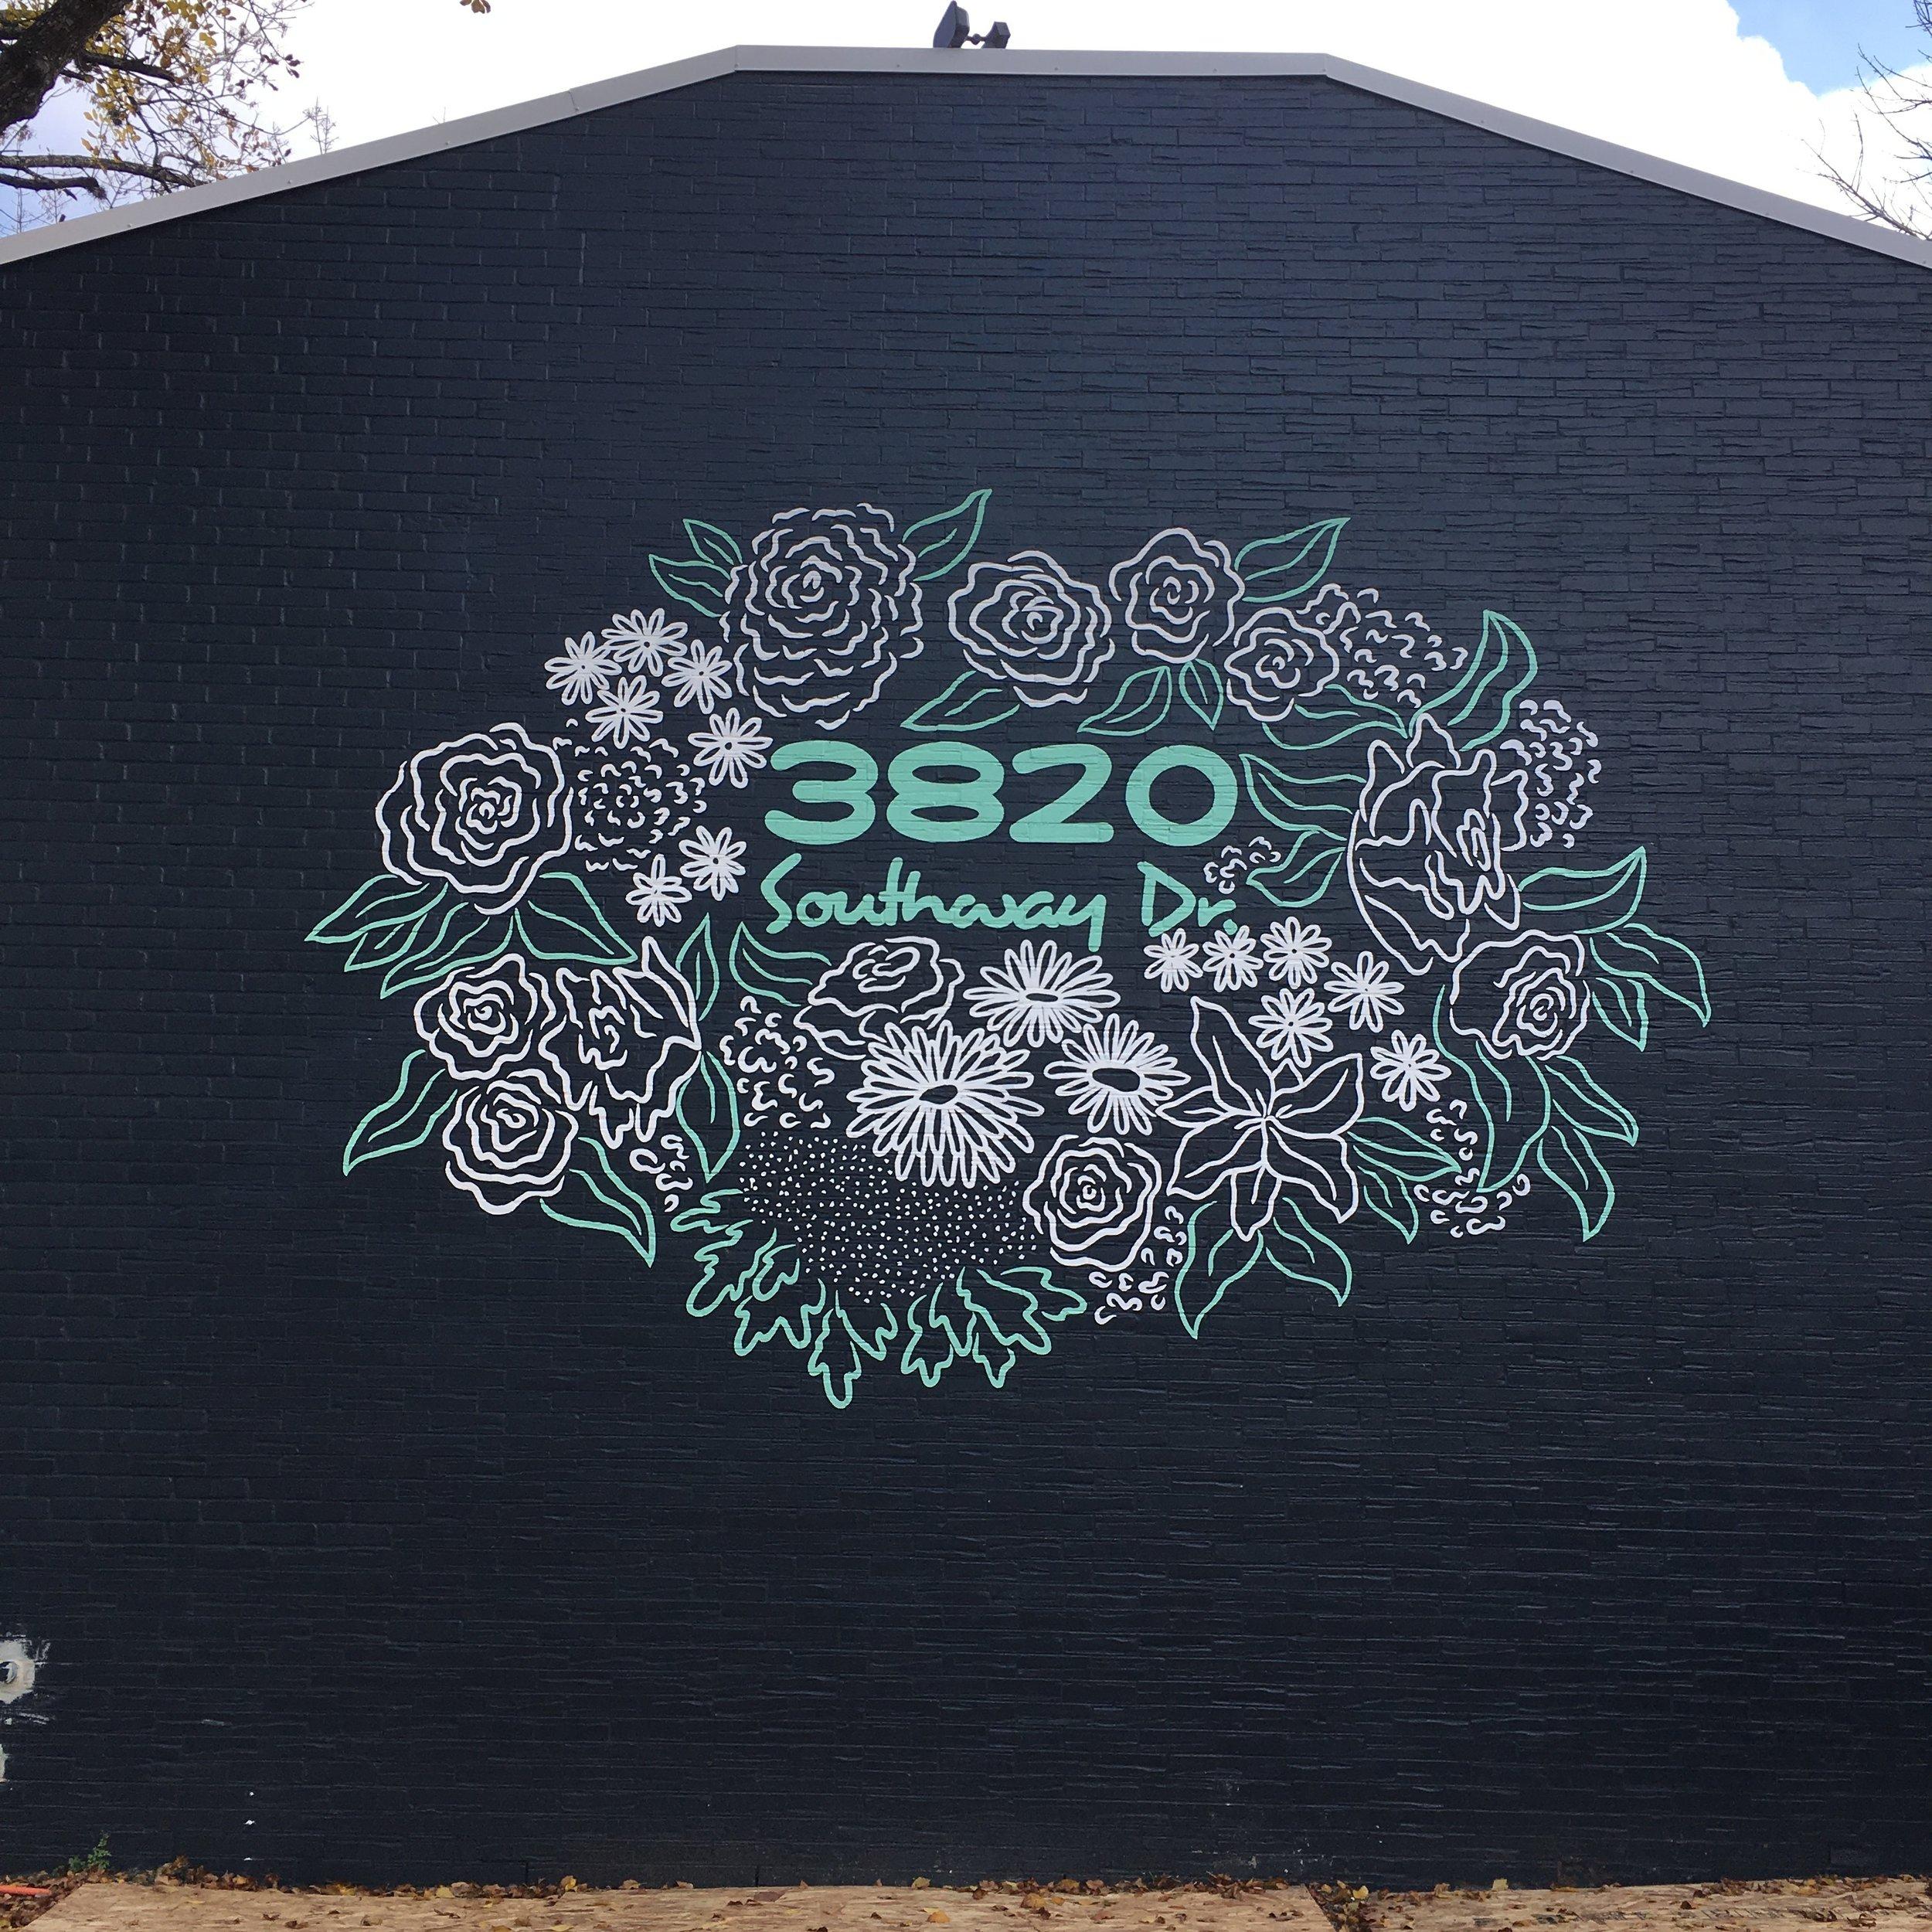 3820 Southway Drive Condos